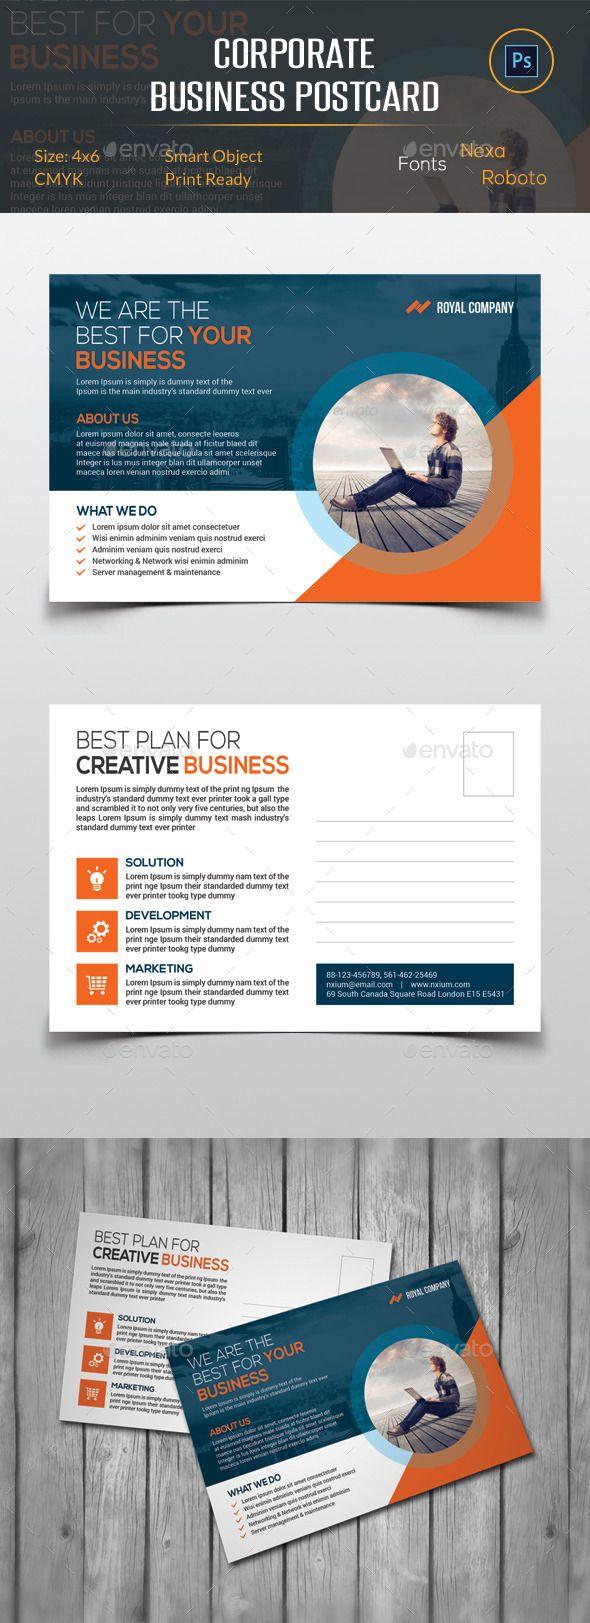 Corporate Business Postcard | Business postcards, Postcard template ...